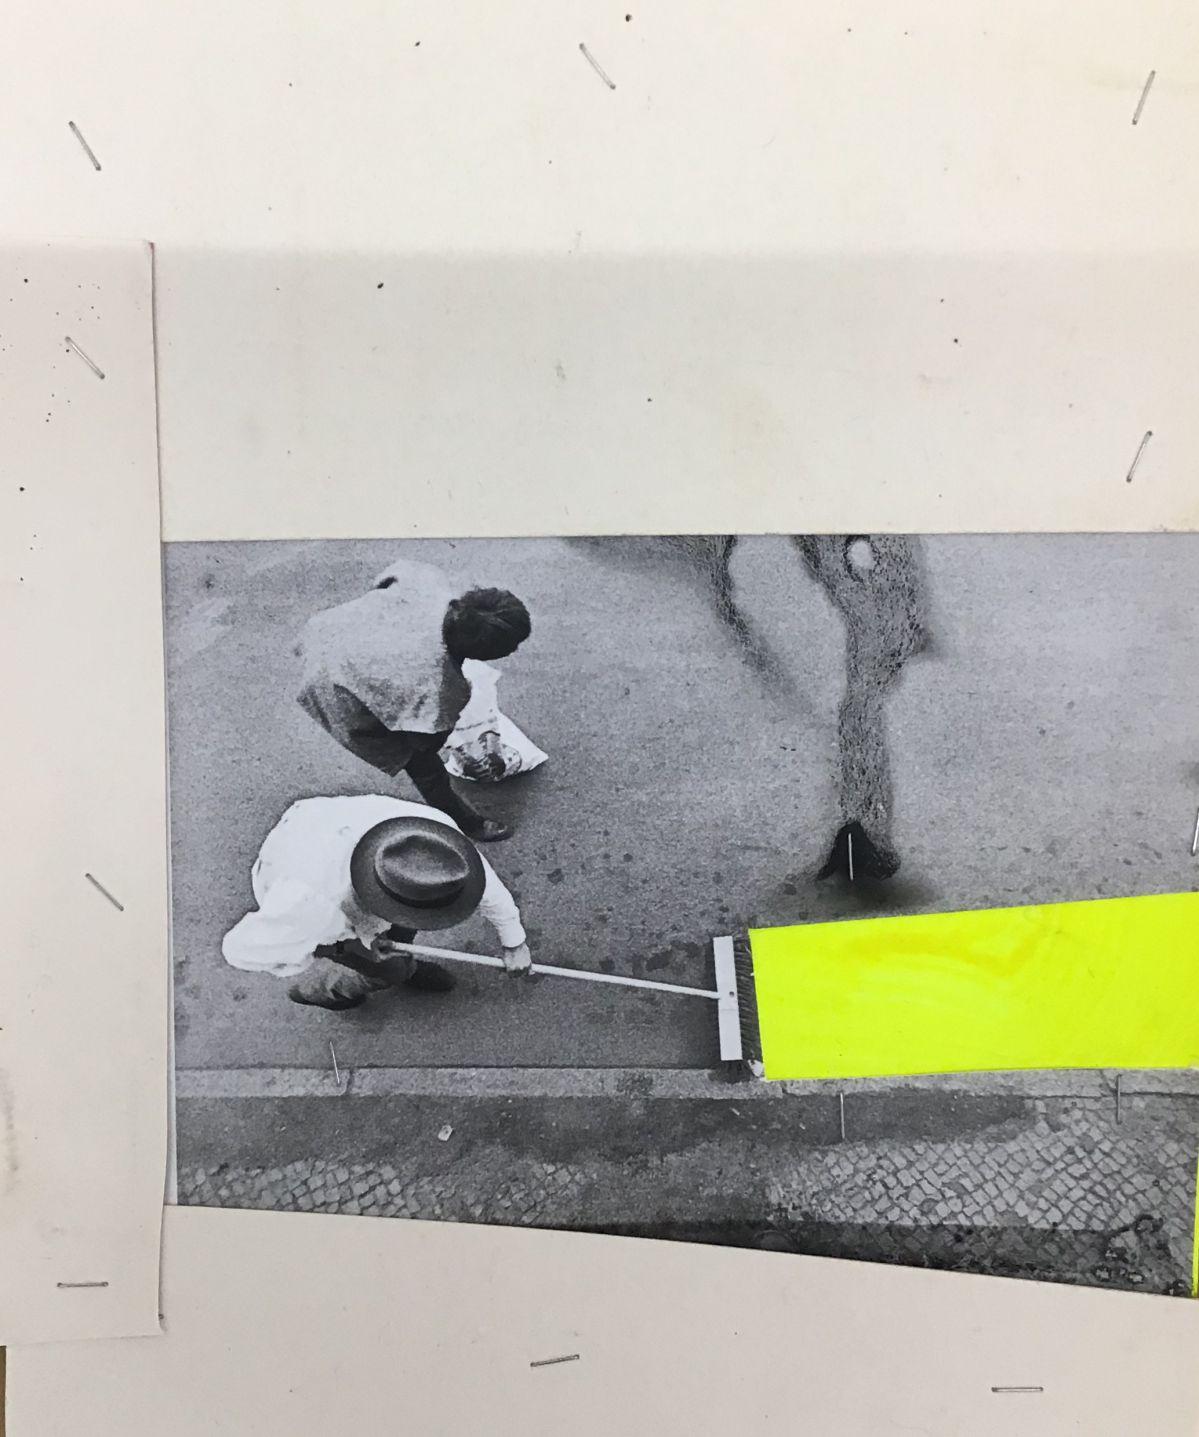 Georges Autard - La forme informe (0194), 2019, découpage peinture agrafes sur photographie Beuys, non signé, encadré, 27,7 x 22 cm